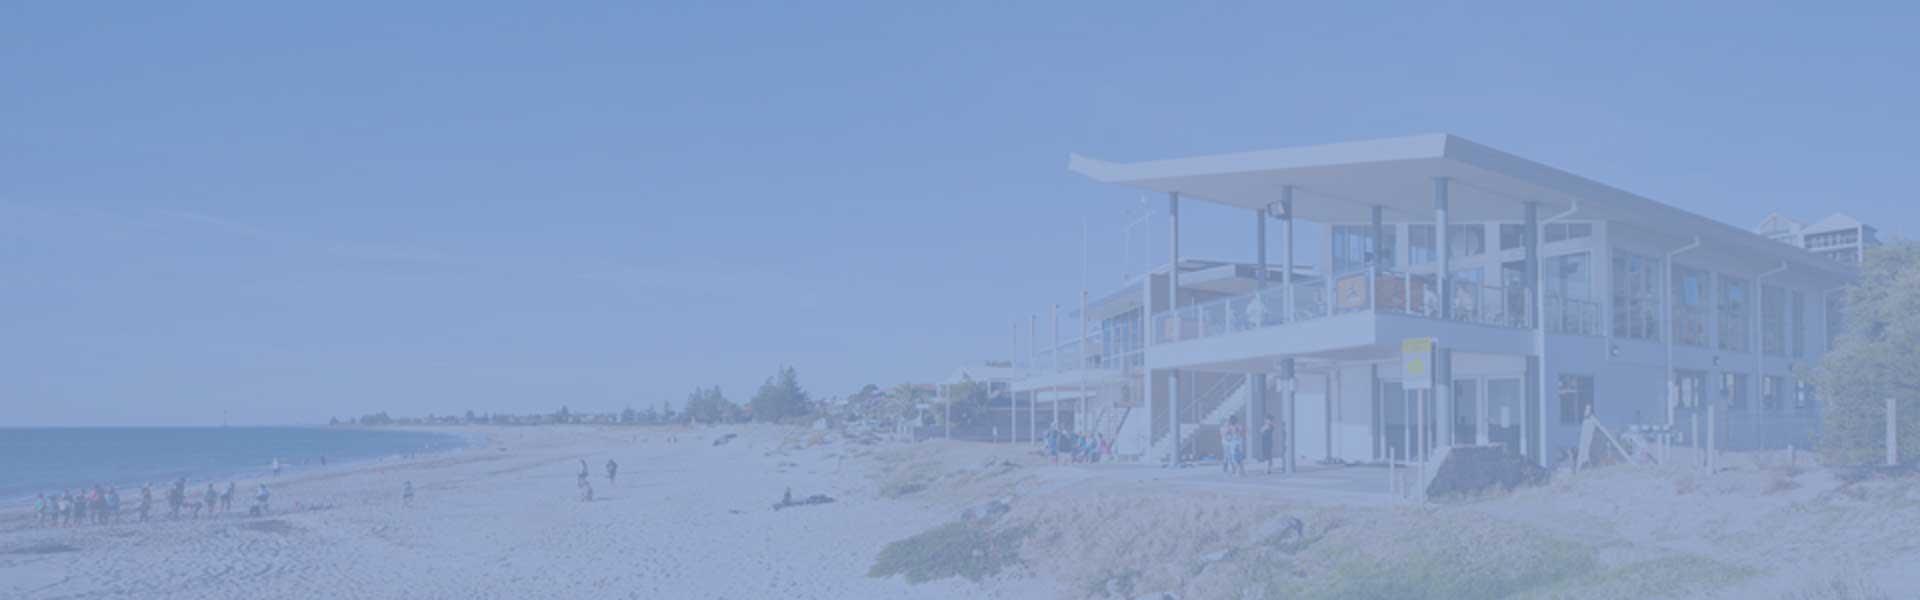 slideshow-background-blue